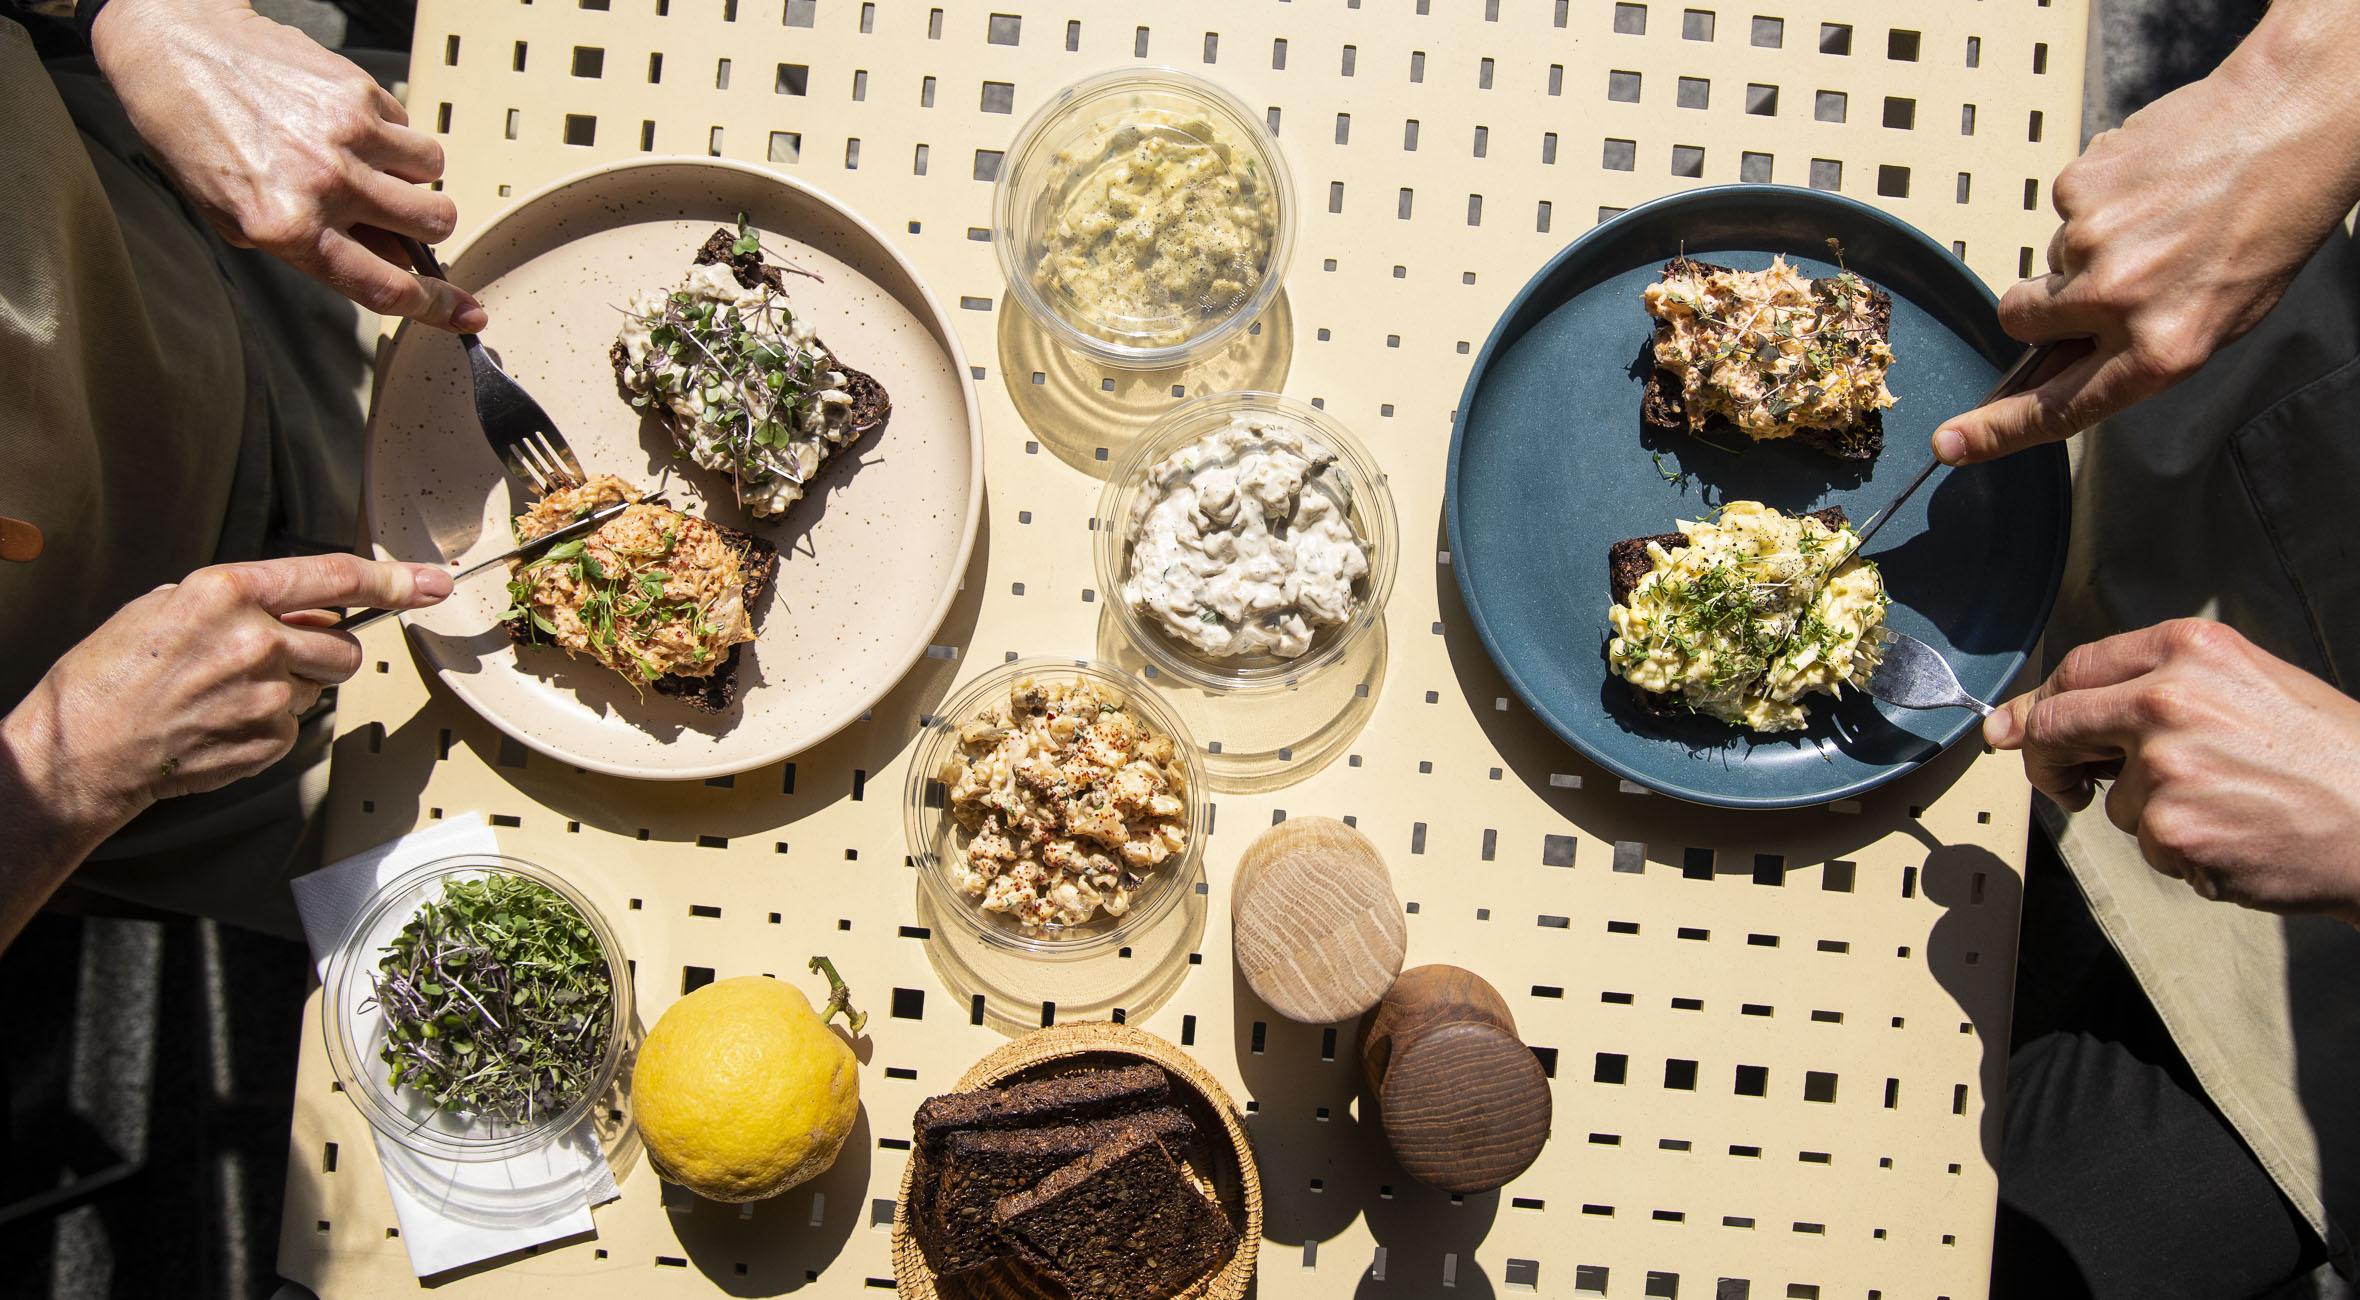 Byg-selv smørrebrød til 2 personer fra RØRT i Torvehallerne – Tag på picnic ude eller hjemme! Få picnicpose med prisvindende pålægssalater, rugbrød og mikrogrønt